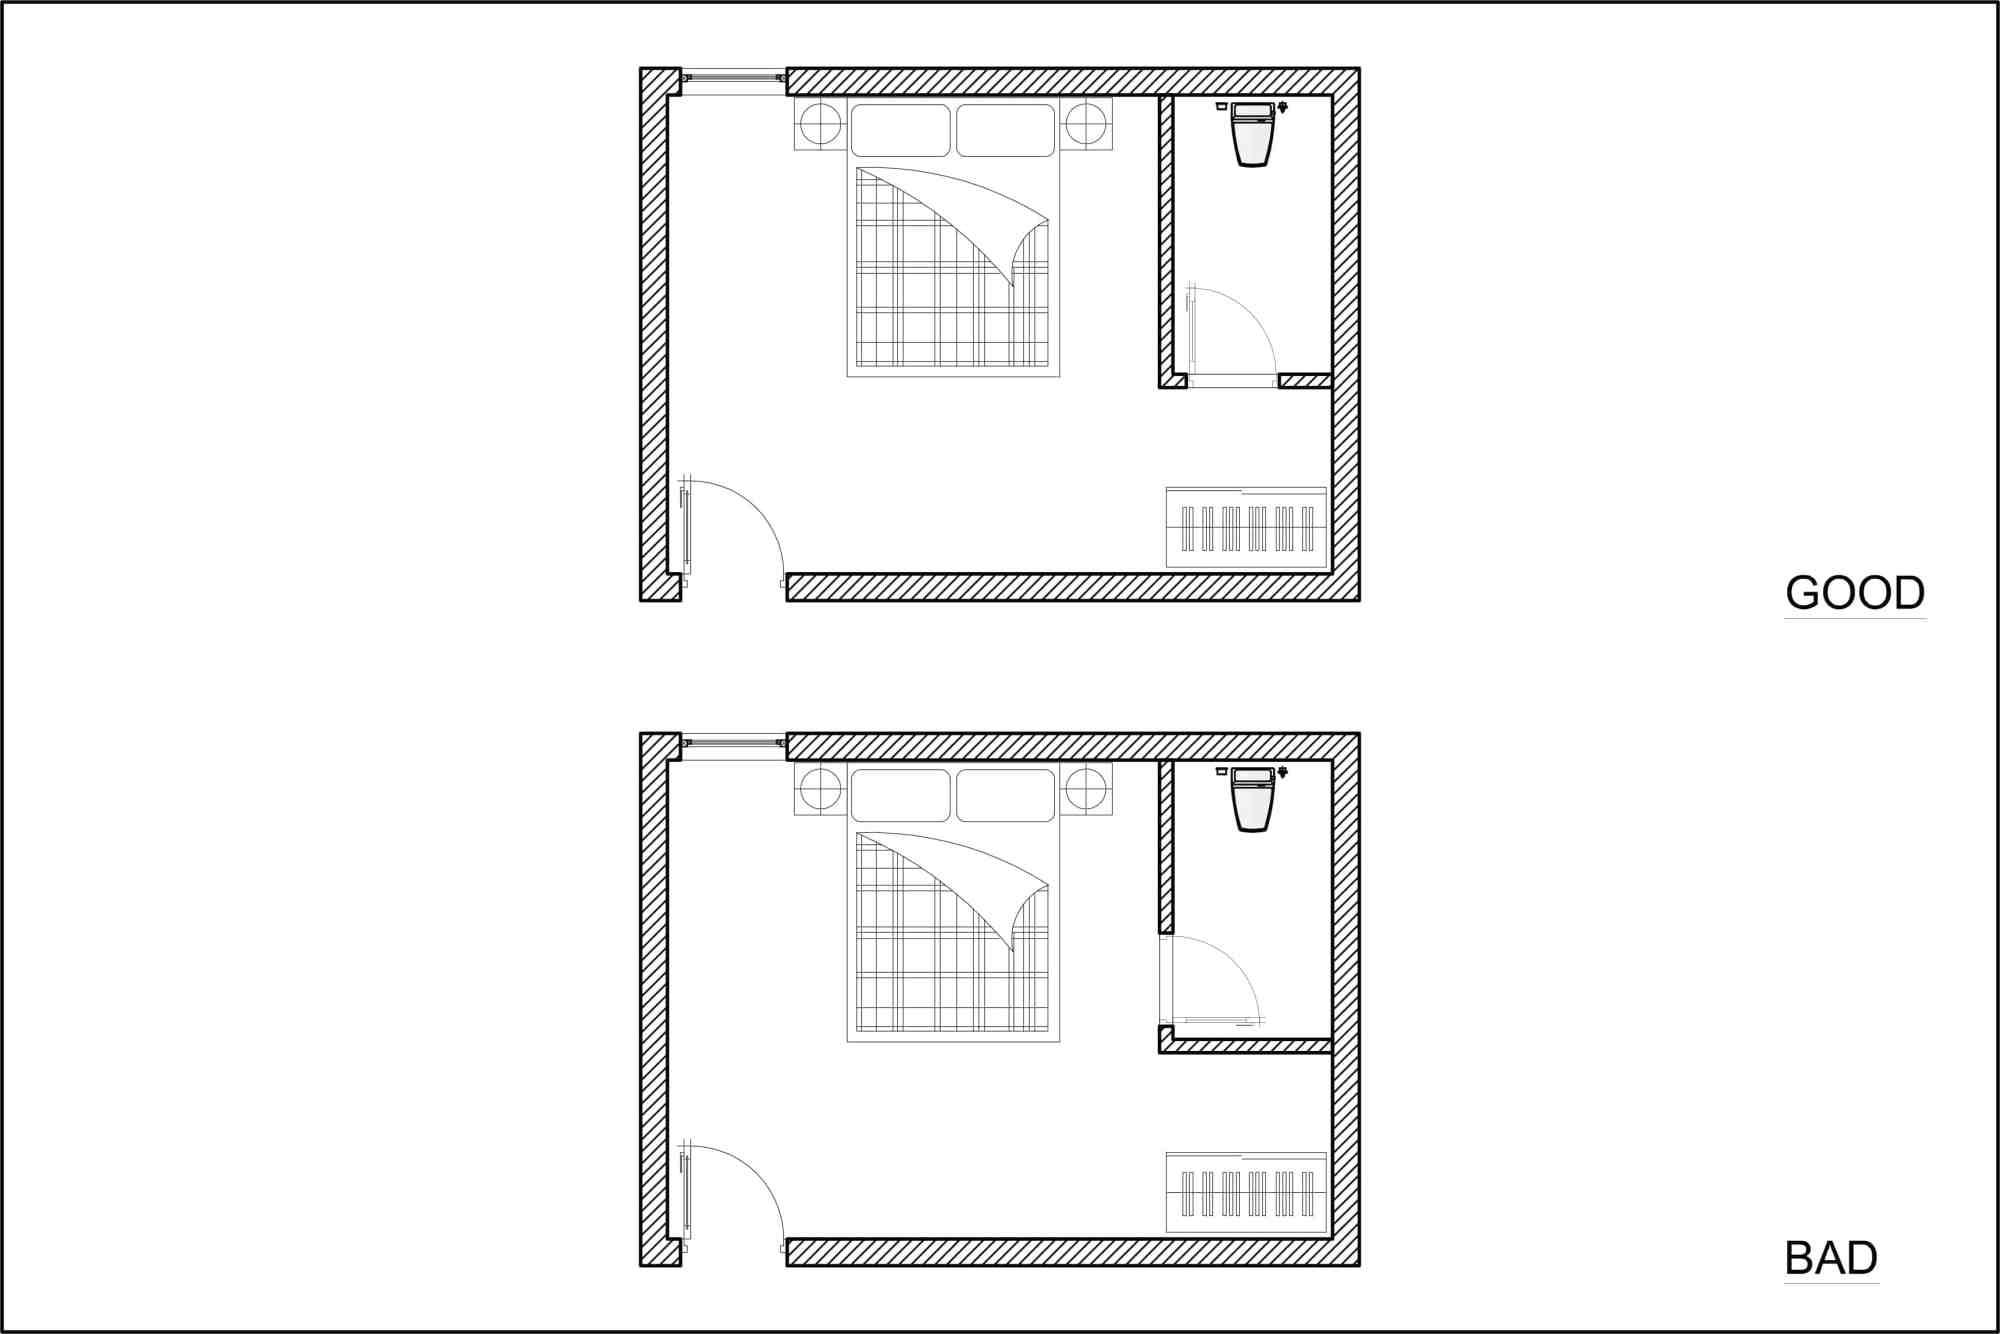 hight resolution of diagram of good and bad bedroom en suite door location